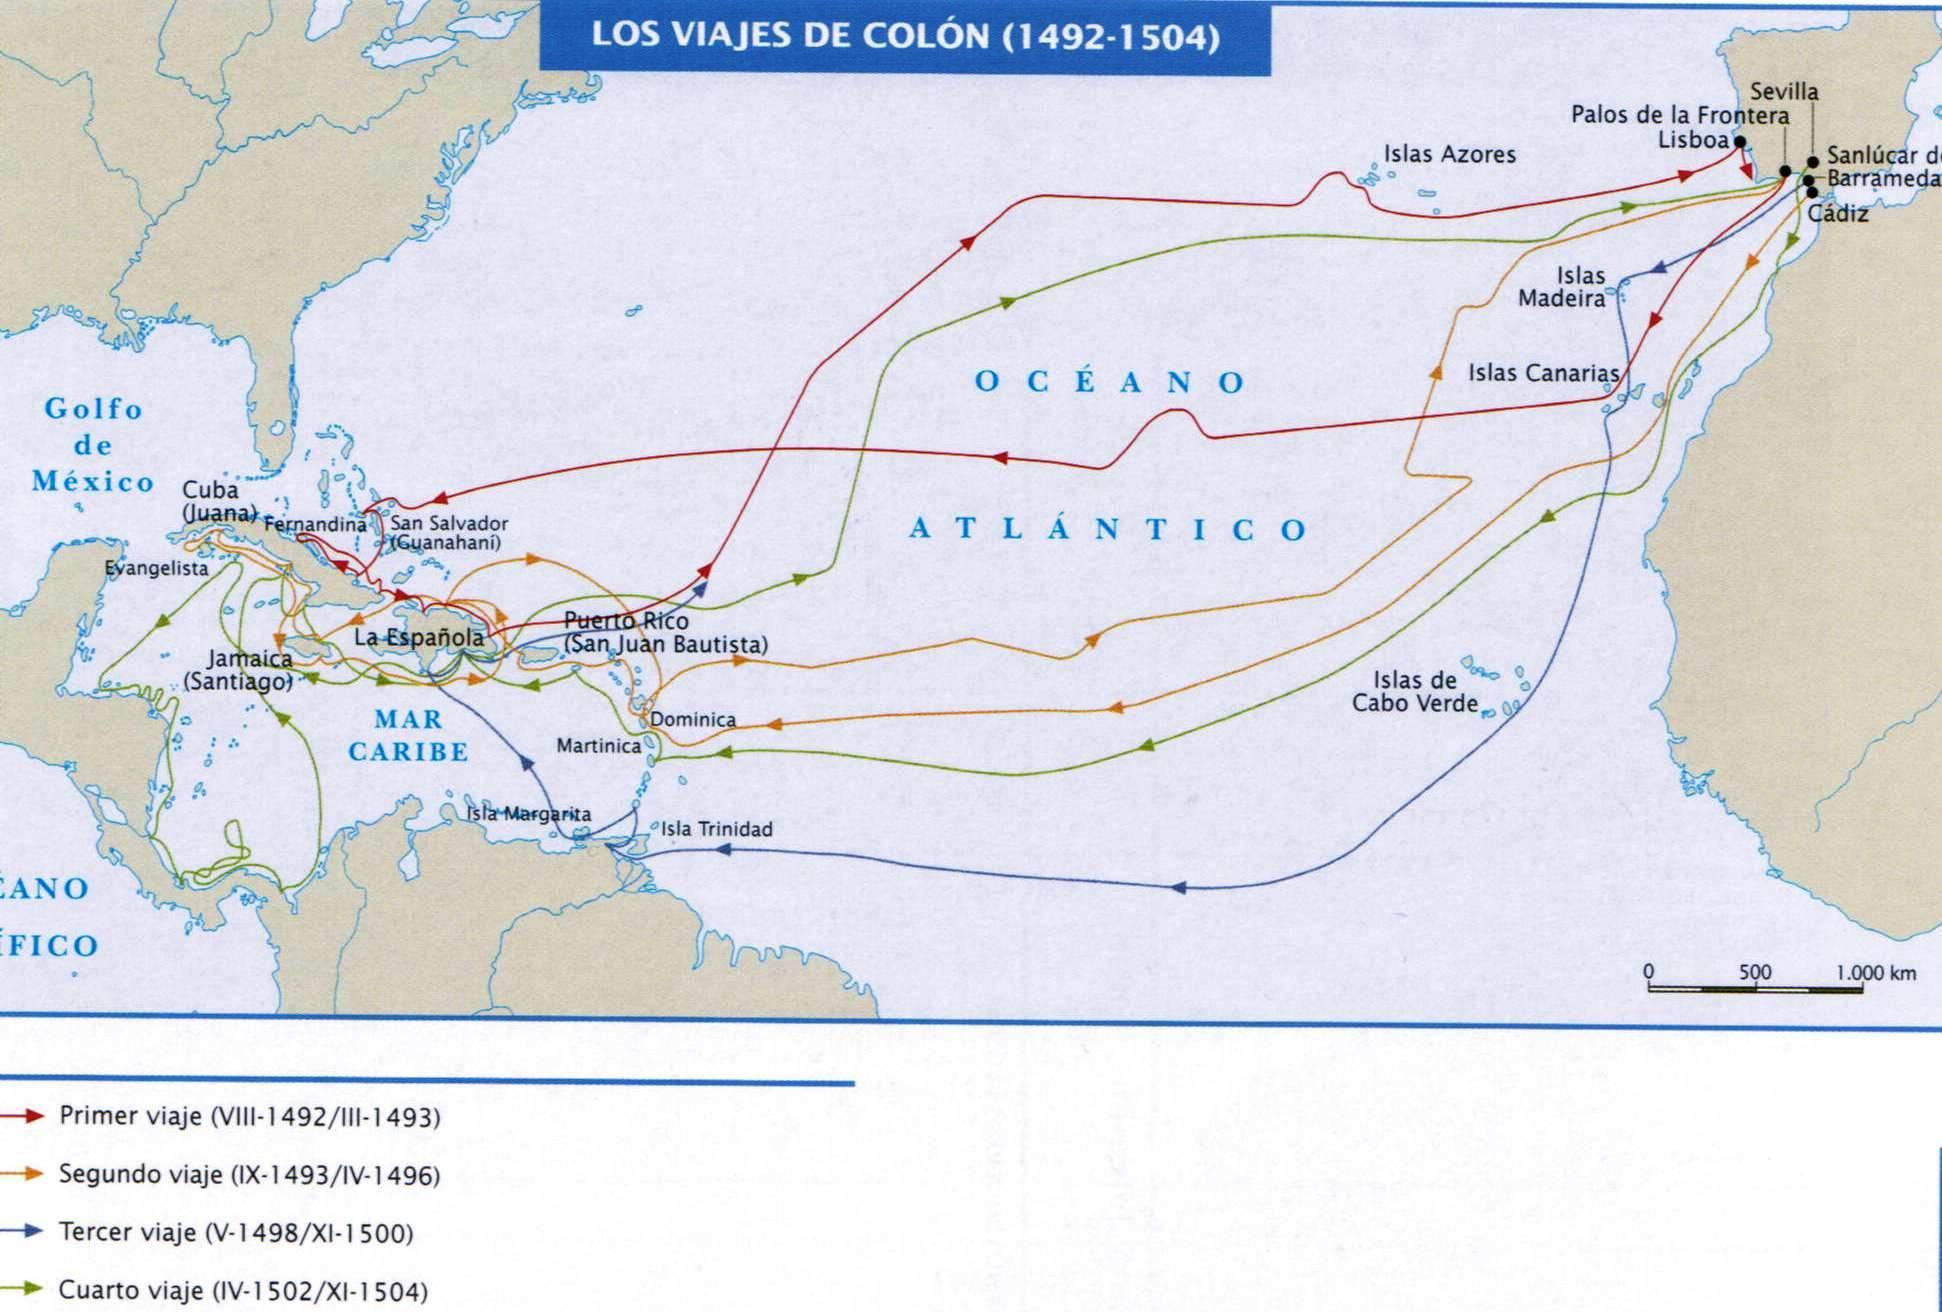 Trinidad historiadores hist ricos for Cuarto viaje de cristobal colon